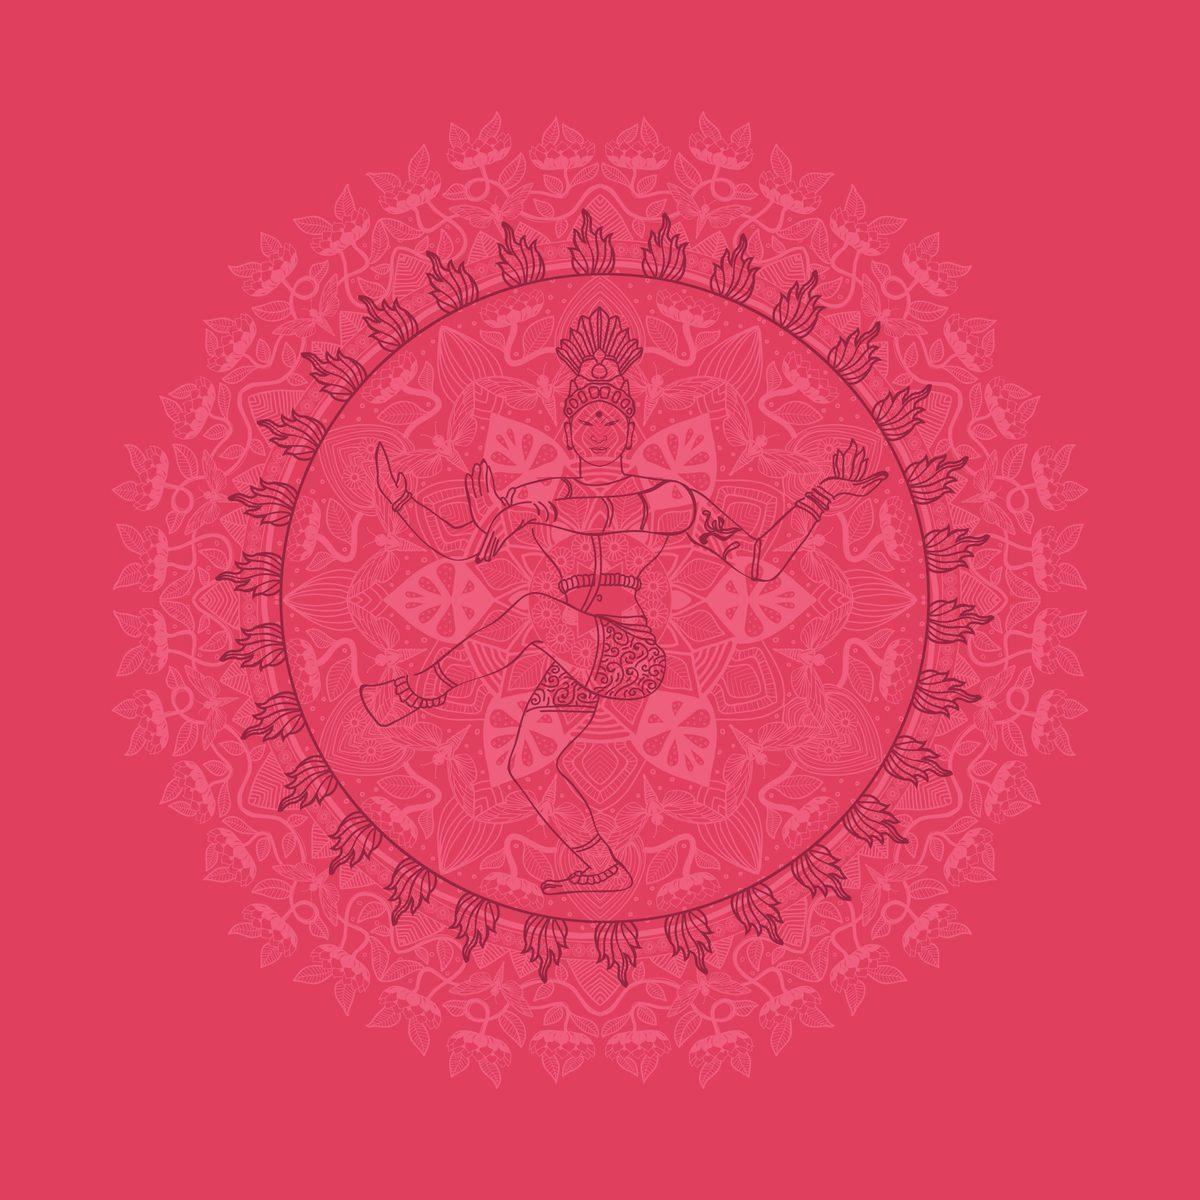 hindu circle of life